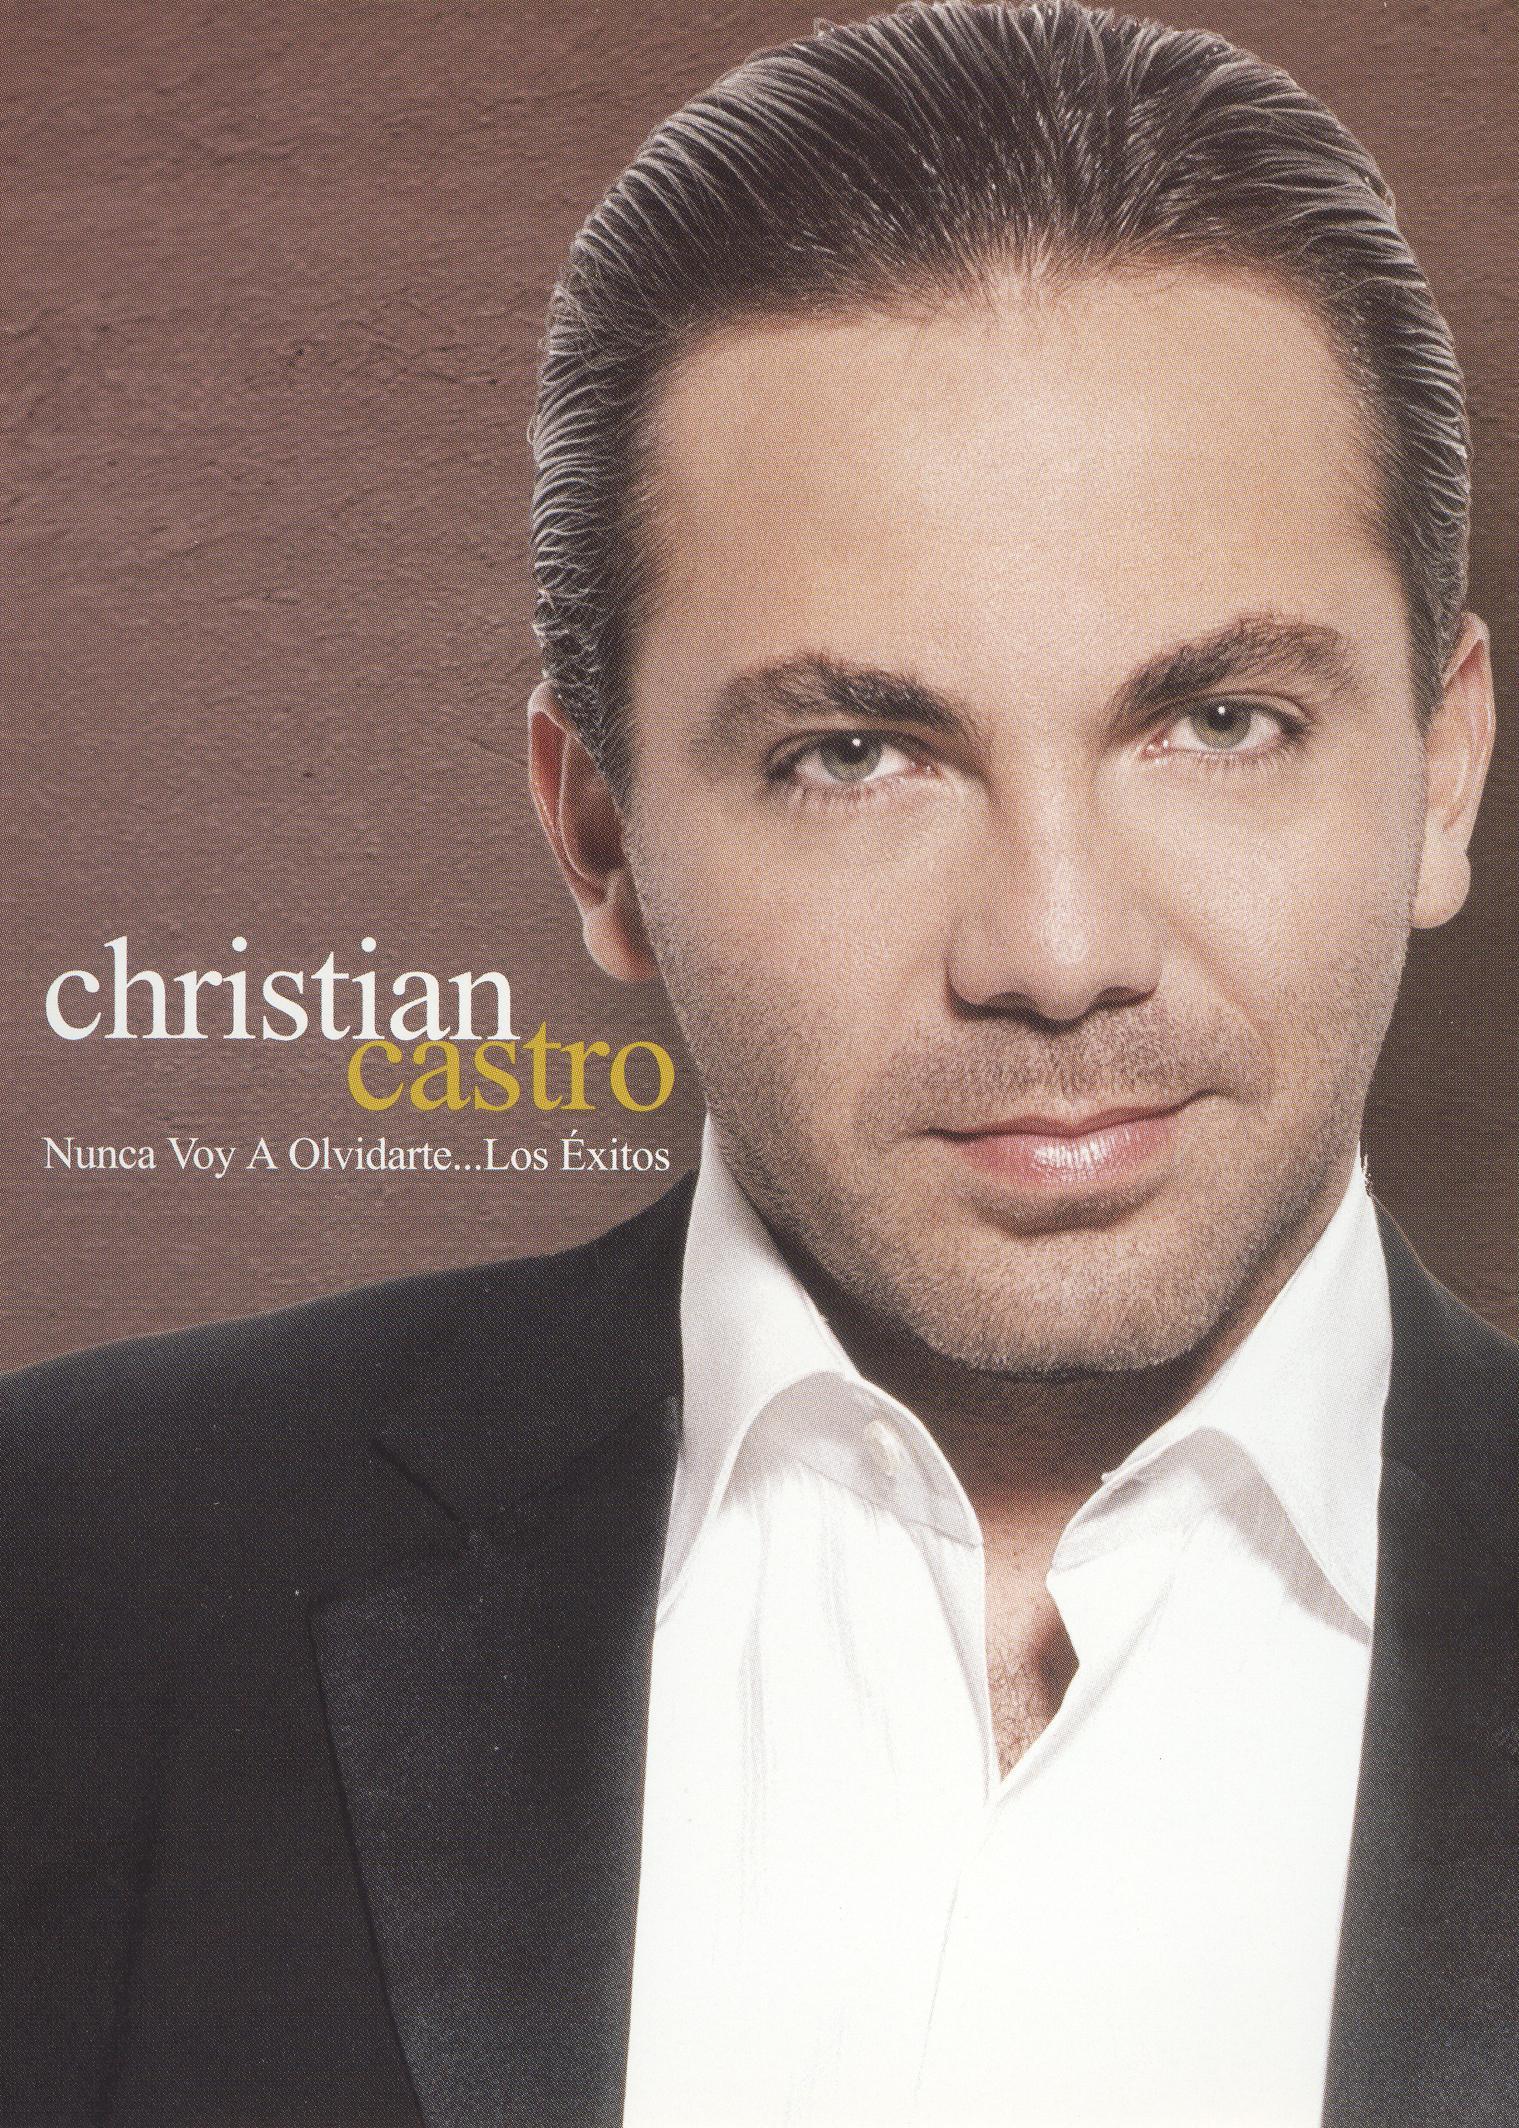 Christian Castro: Nunca Voy a Olvidarte... los Exitos